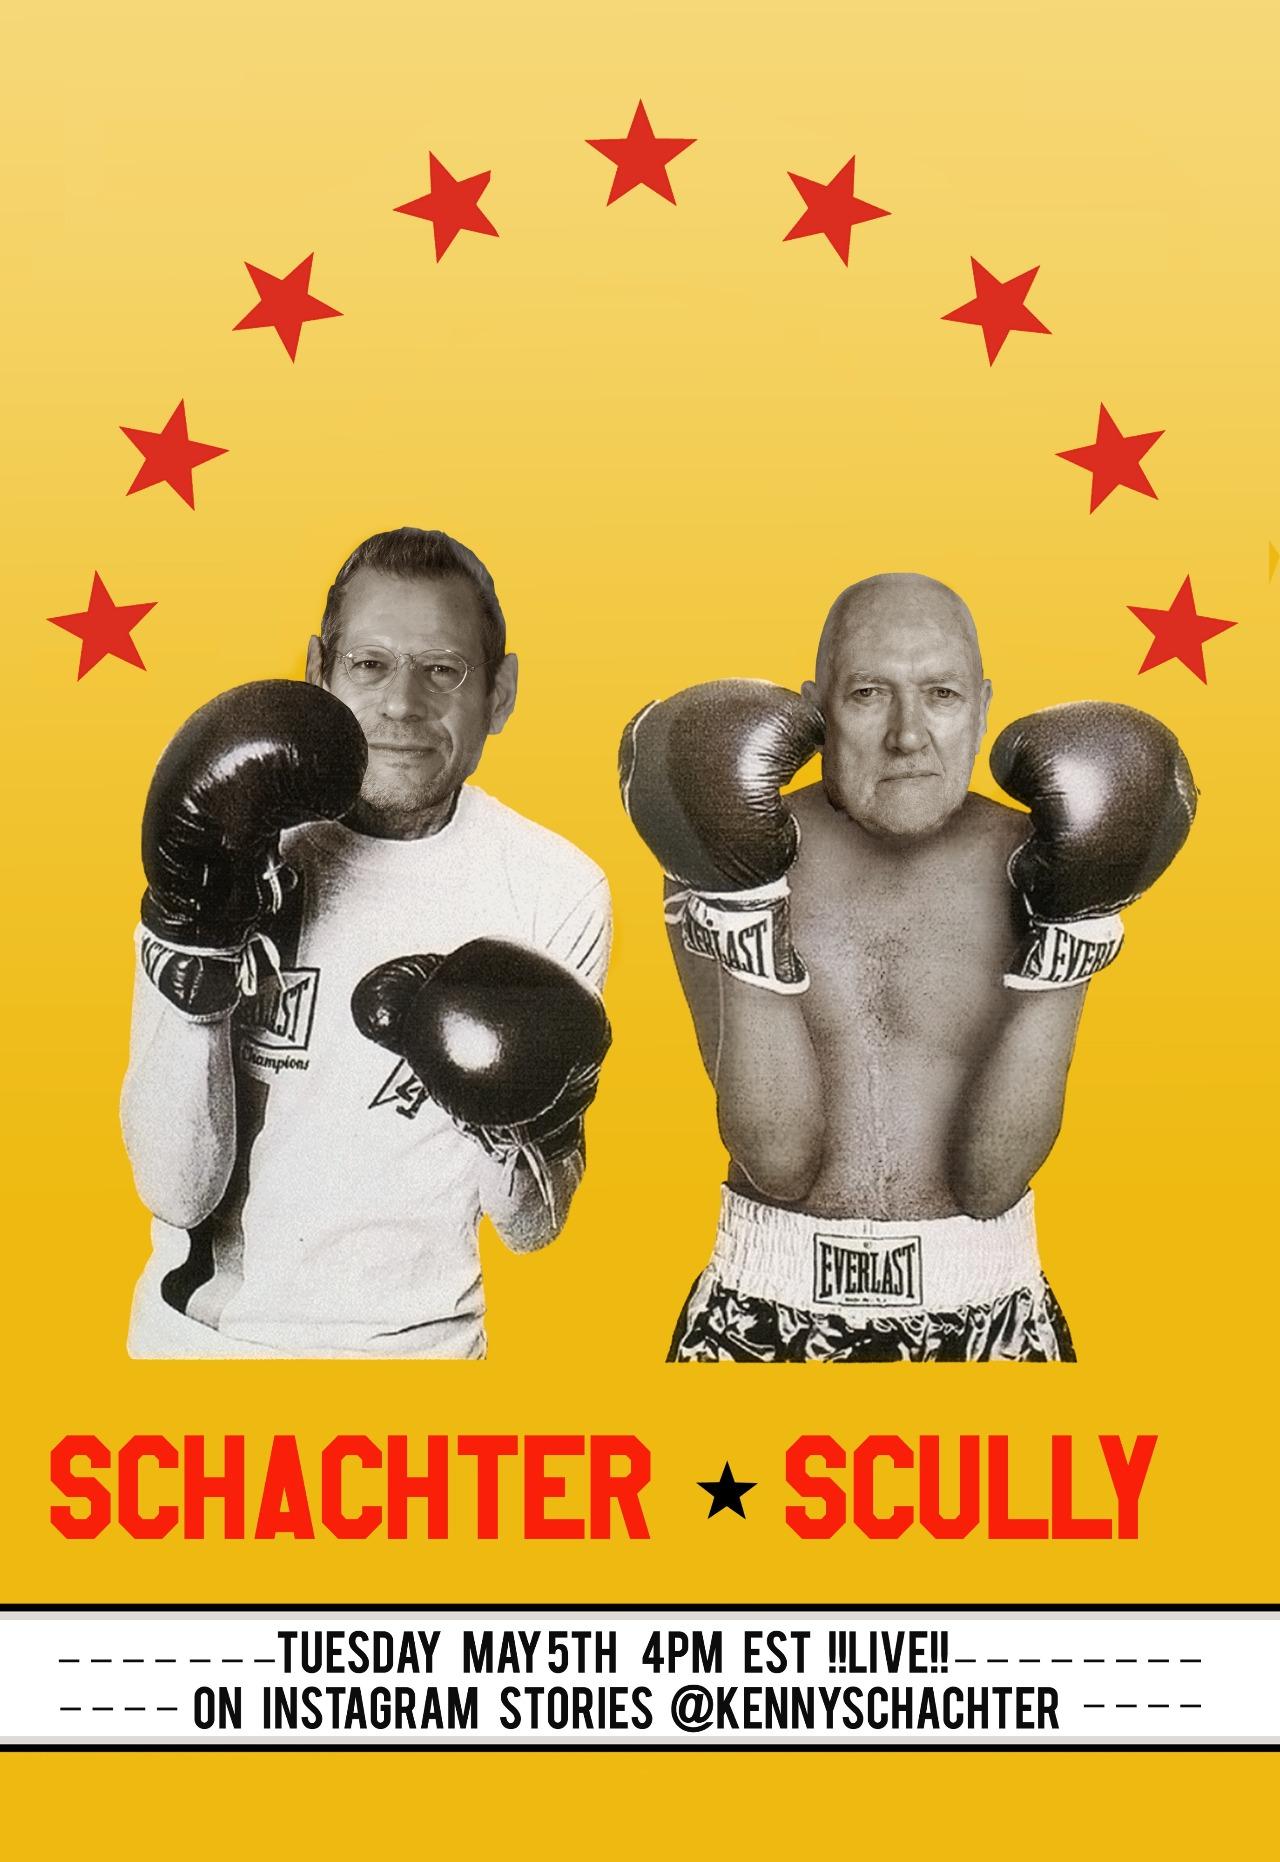 Schachter Scully match